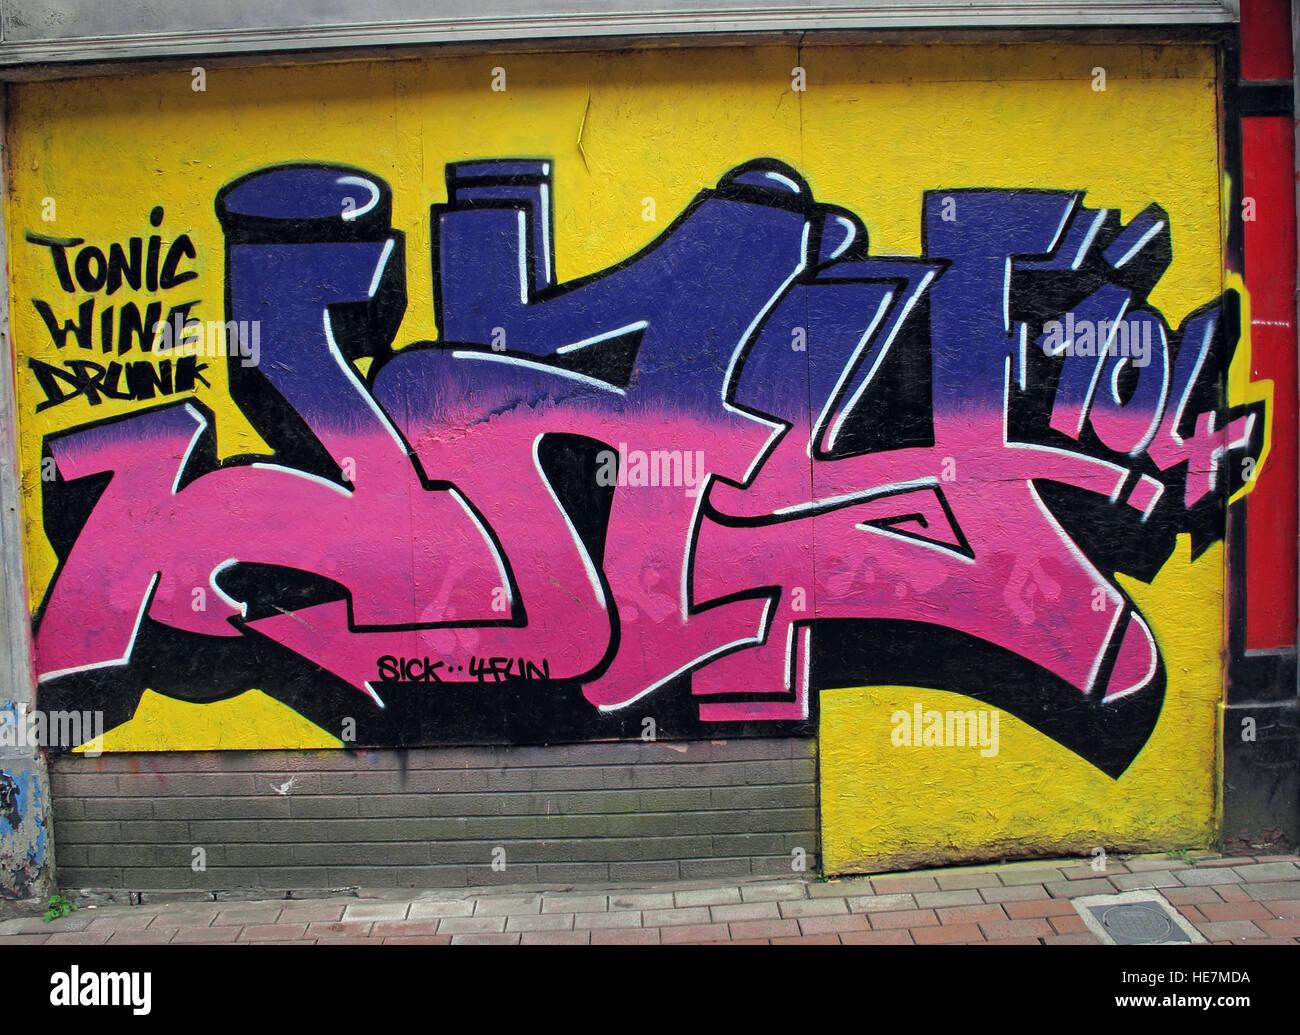 Laden Sie dieses Alamy Stockfoto Tonische Wein betrunken, Graffiti-Kunst, Garfield St Belfast City Centre, Nordirland, Vereinigtes Königreich - HE7MDA